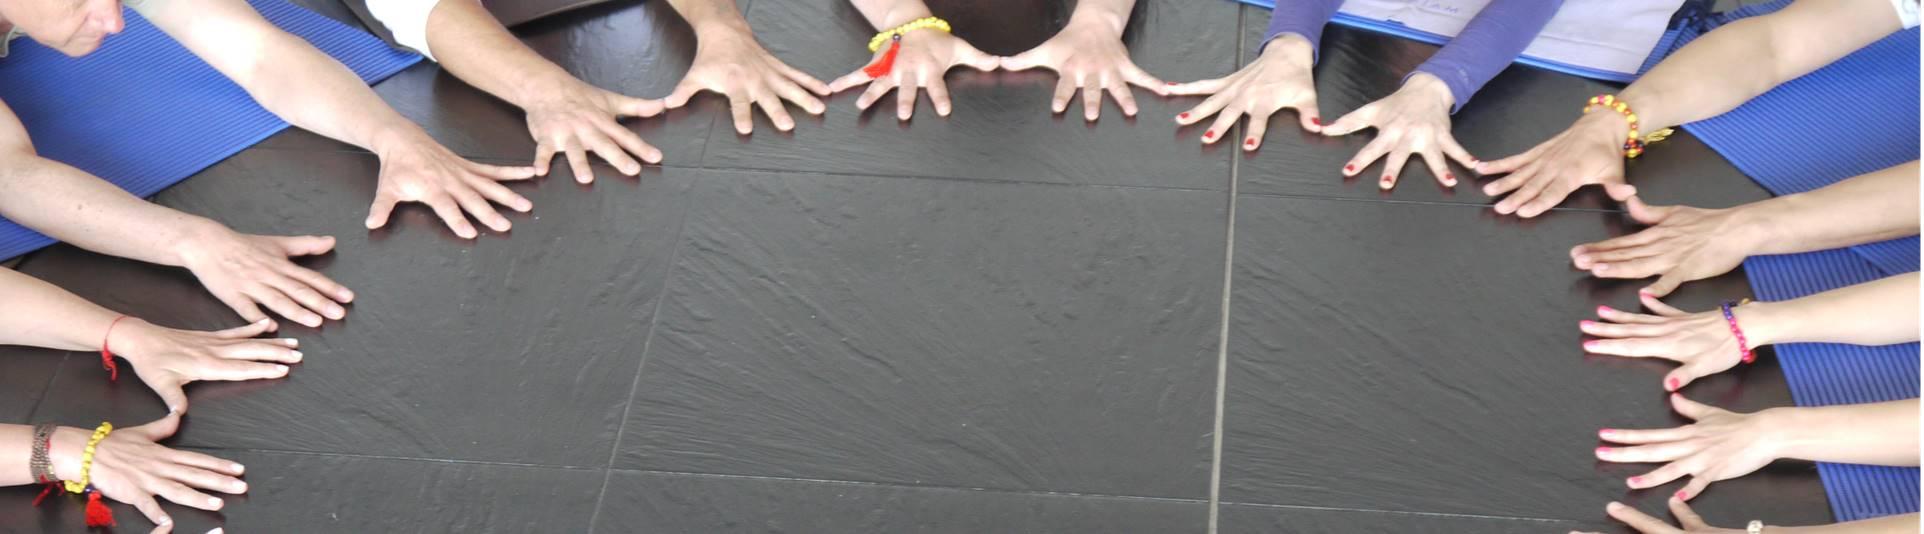 grupo-manos